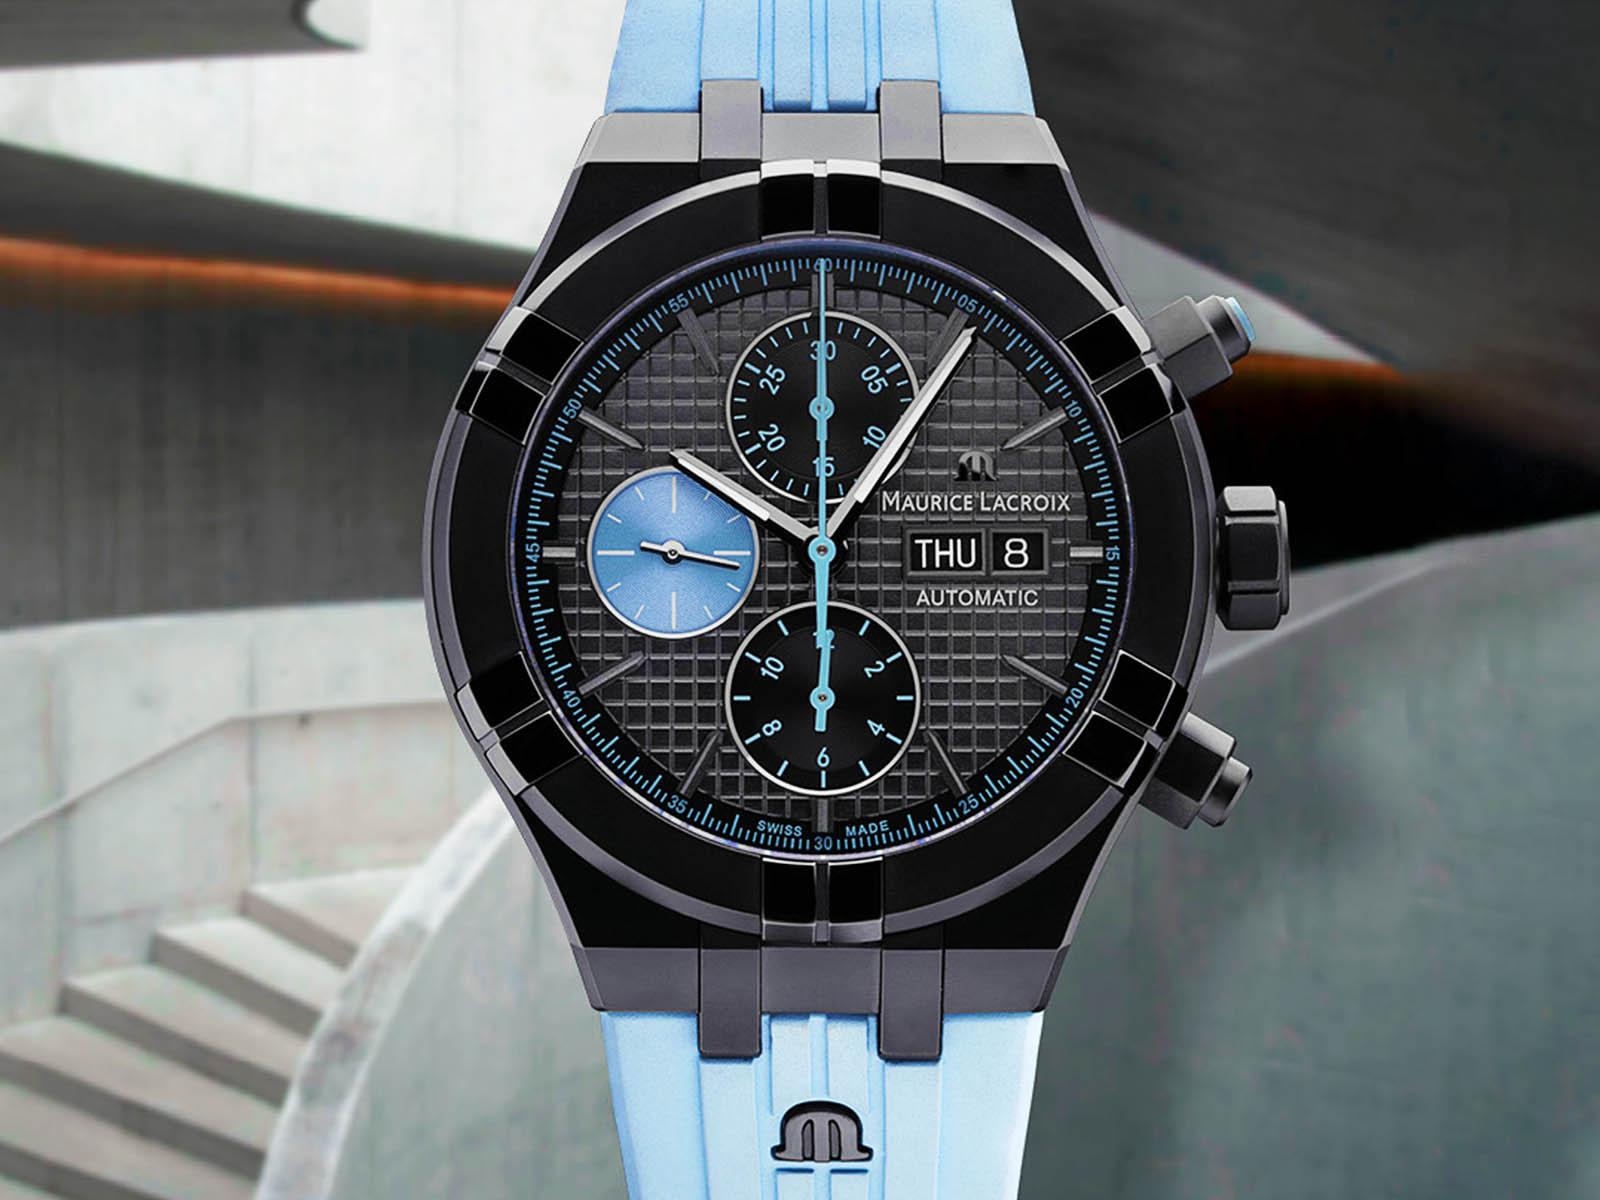 ai6038-dlb01-330-4-maurice-lacroix-aikon-automatic-chronograph-sprint-4.jpg